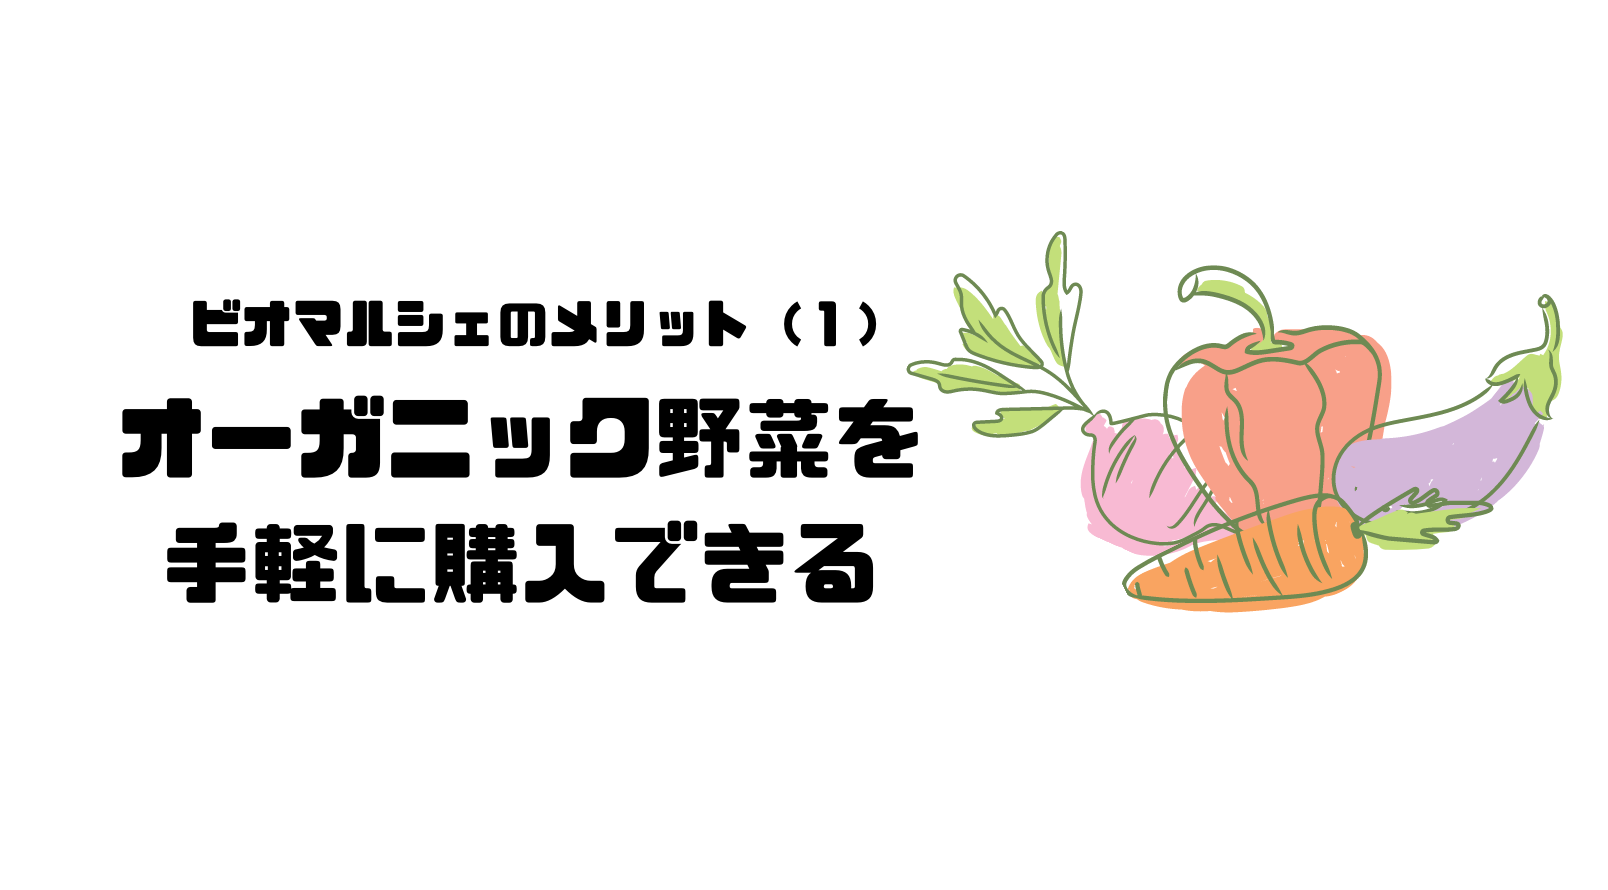 ビオマルシェ_評判_口コミ_メリット_オーガニック野菜_手軽に購入